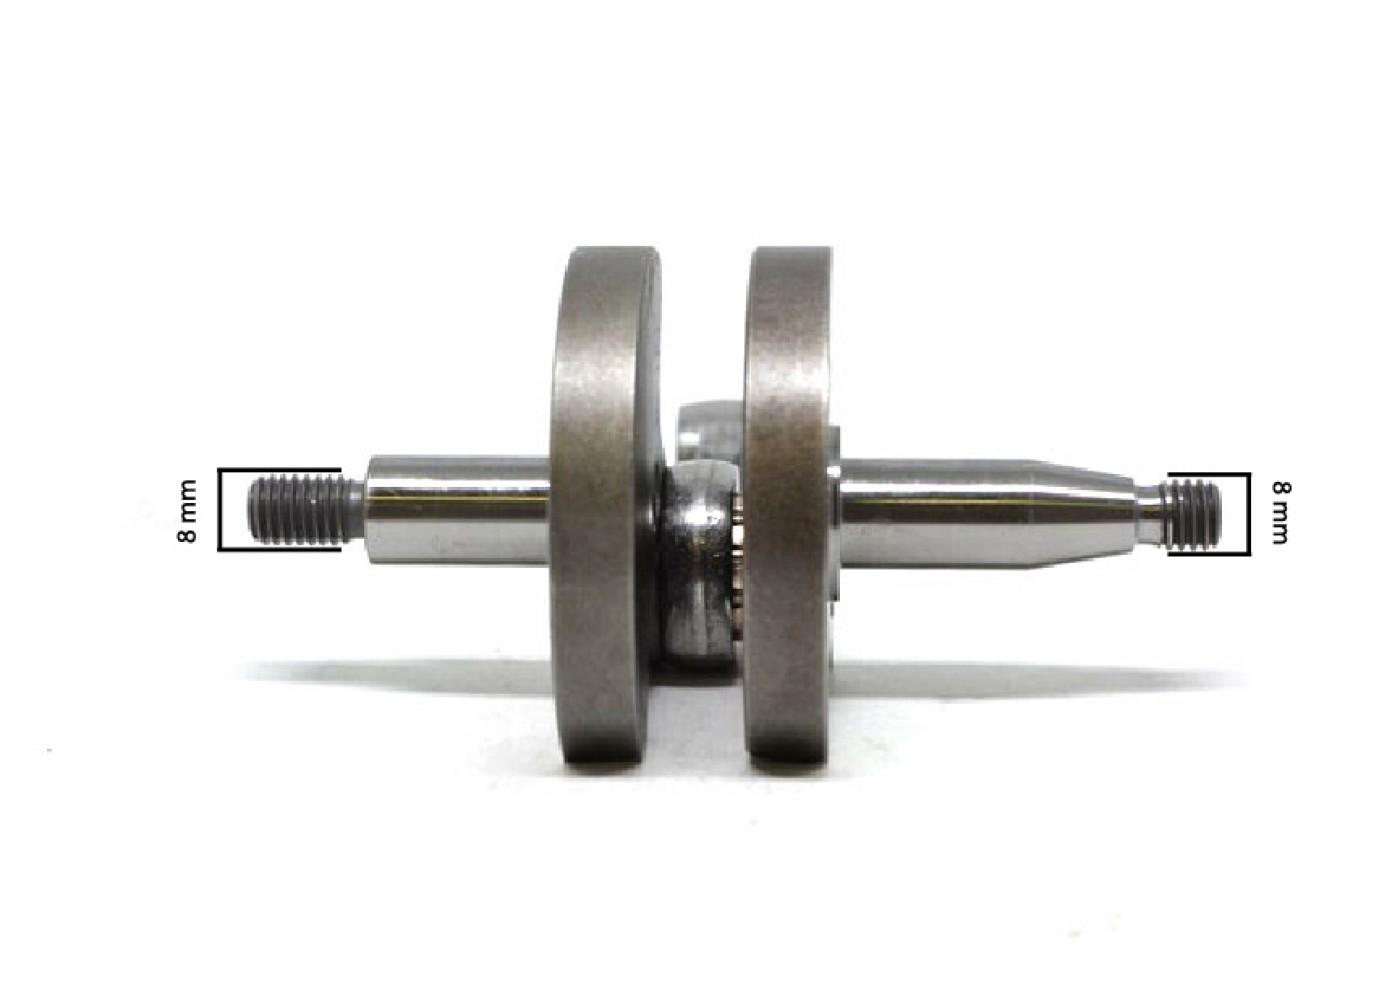 Kliková hřídel BT120 FR350 FS120 FS200 FS250 HT250 FS300 FS350 (4134 030 0403)